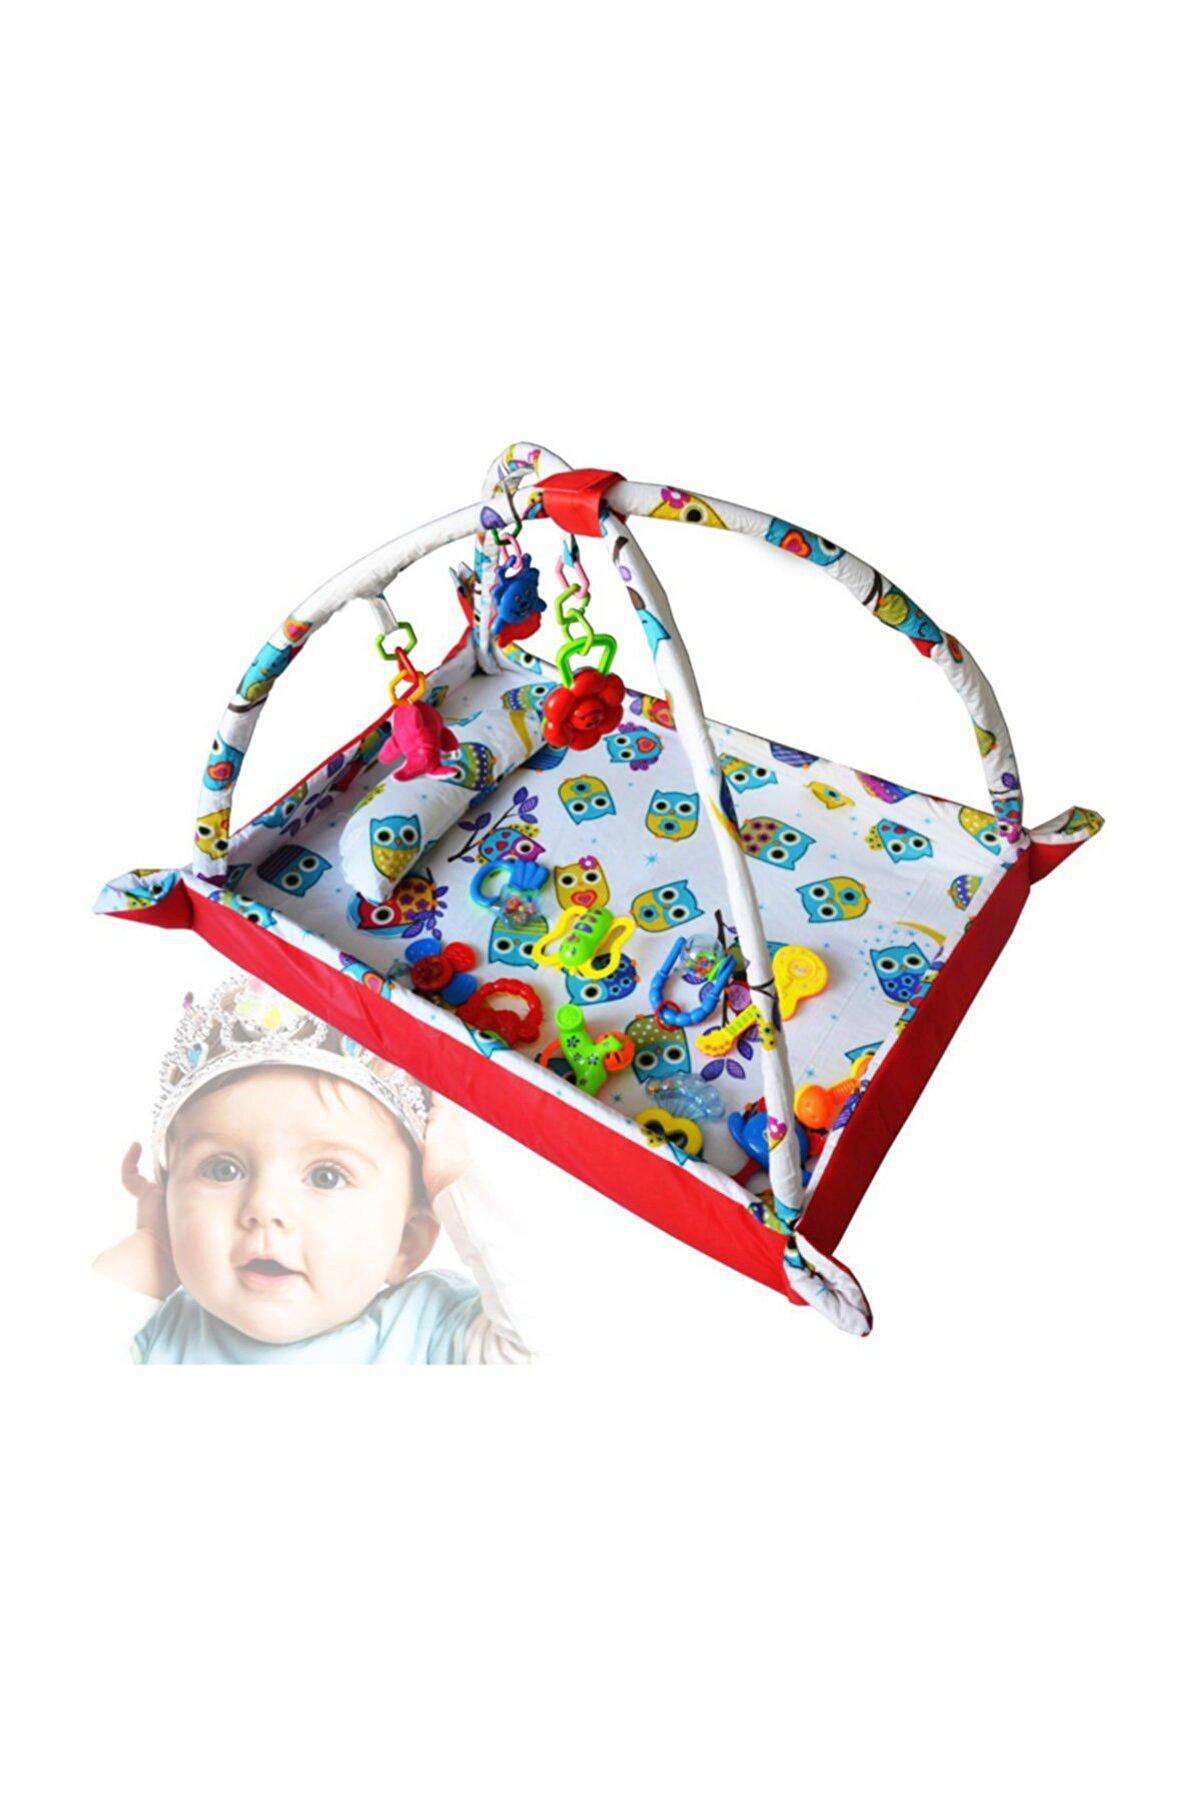 hupim Pamuk Kumaş Bebek Oyun Halı Ve Çocuk Alanı Kırmızı Baykuşlu